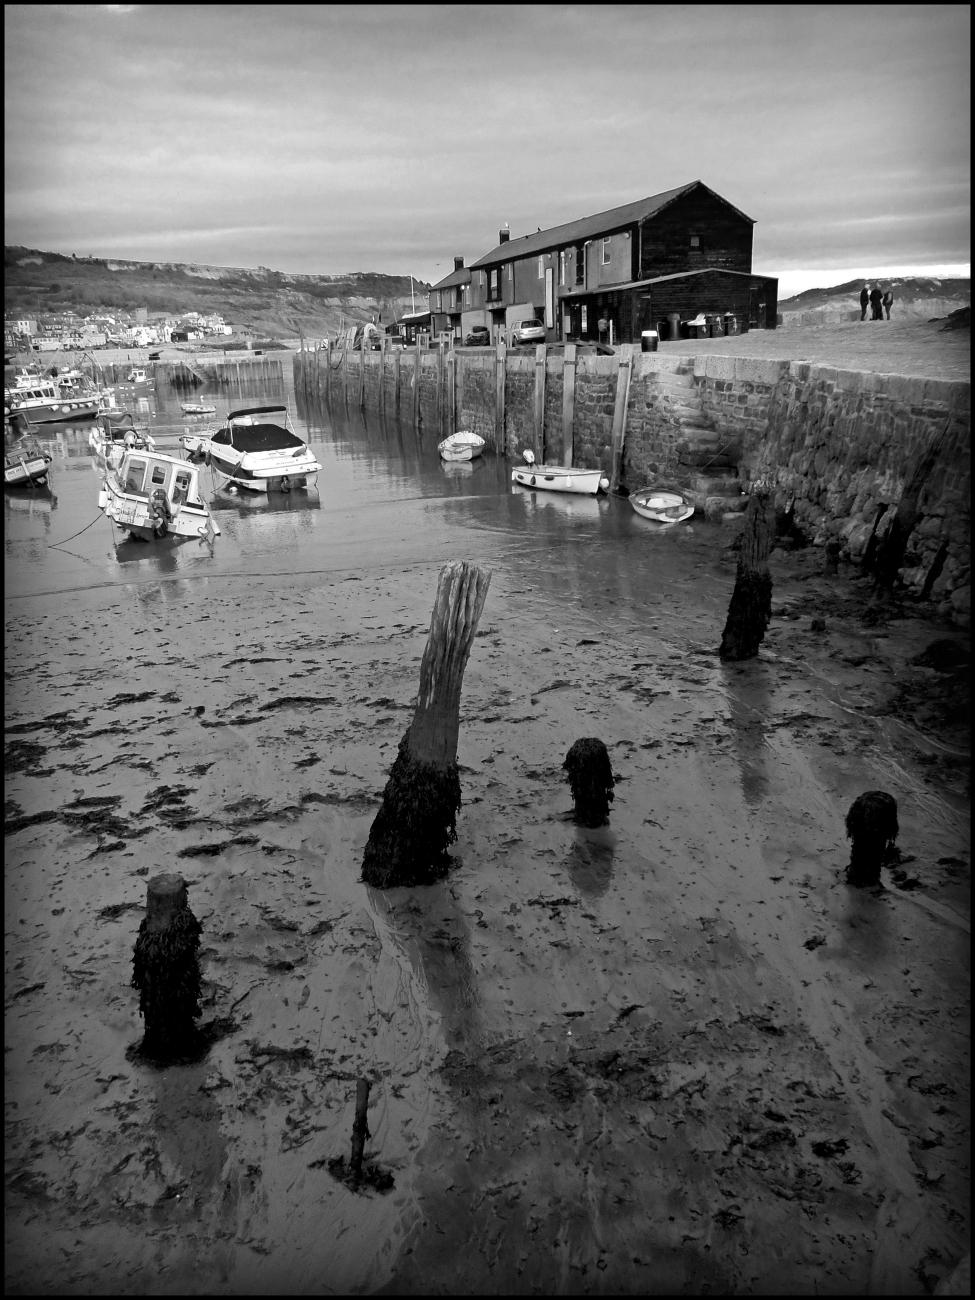 The Harbour, Lyme Regis